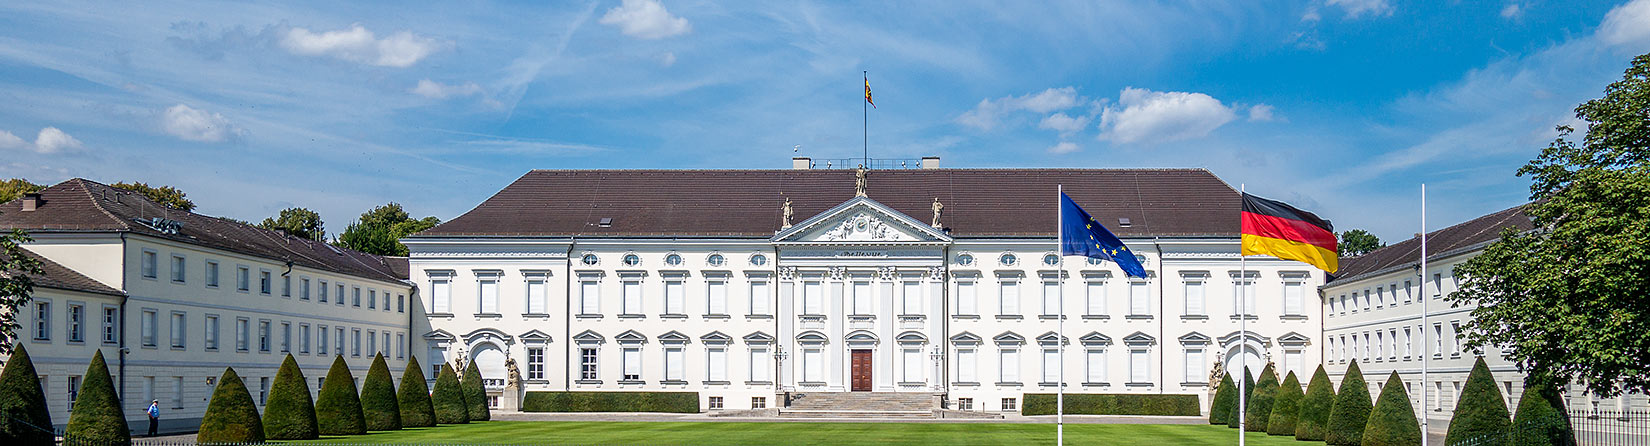 Berlin Fototour 2018 - Nicole Hundertmark